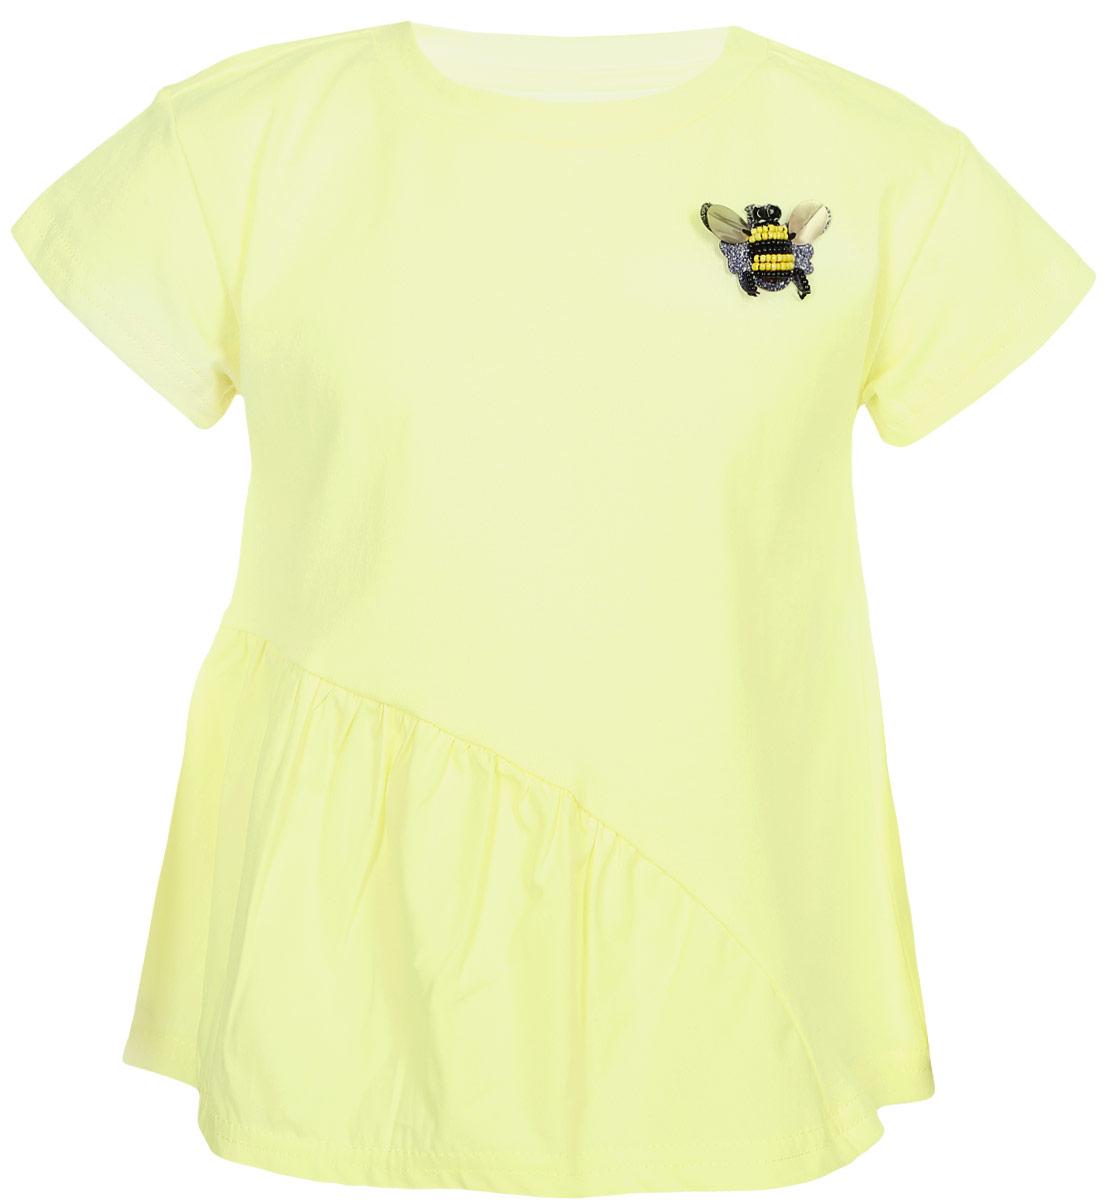 Футболка для девочки Acoola Musca, цвет: желтый. 20220110123_1200. Размер 12820220110123_1200Трикотажная футболка с косой оборкой из хлопкового поплина снизу. Перед декорирован пришитой брошью из бисера в виде пчелки. Свободный силуэт, круглый вырез горловины.